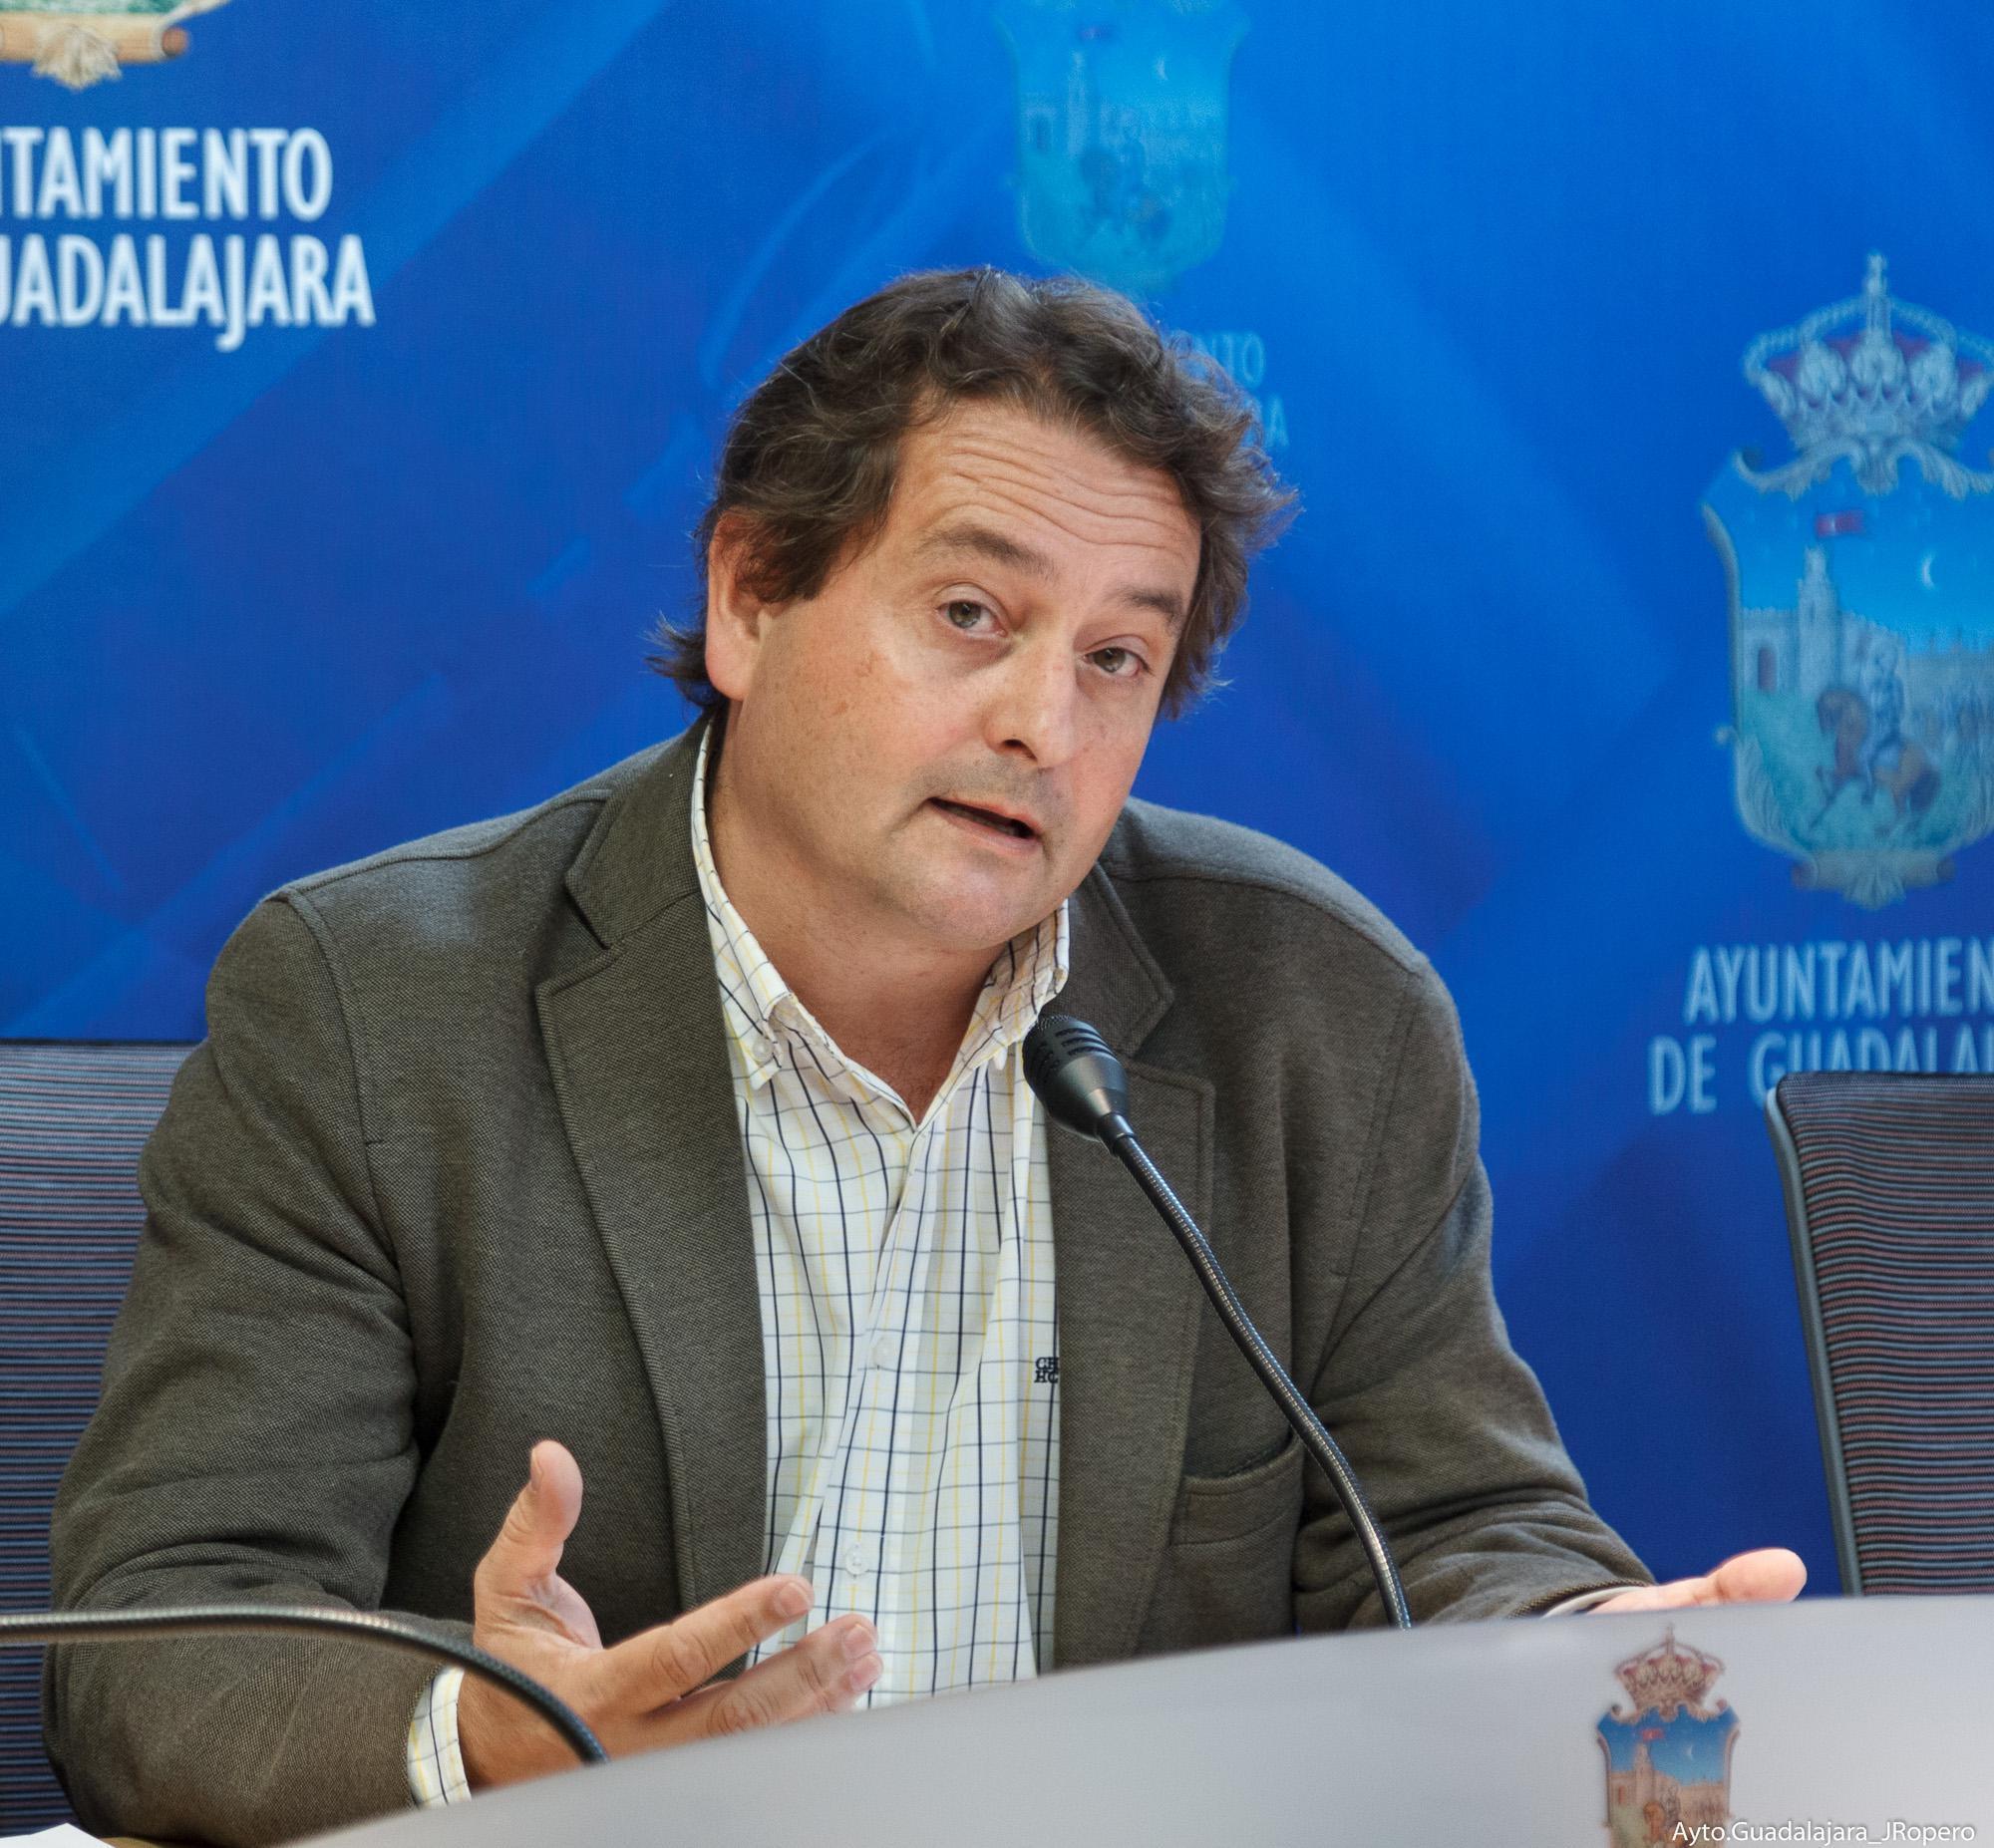 El Ayuntamiento de Guadalajara ya cuenta con su Portal de Transparencia Municipal